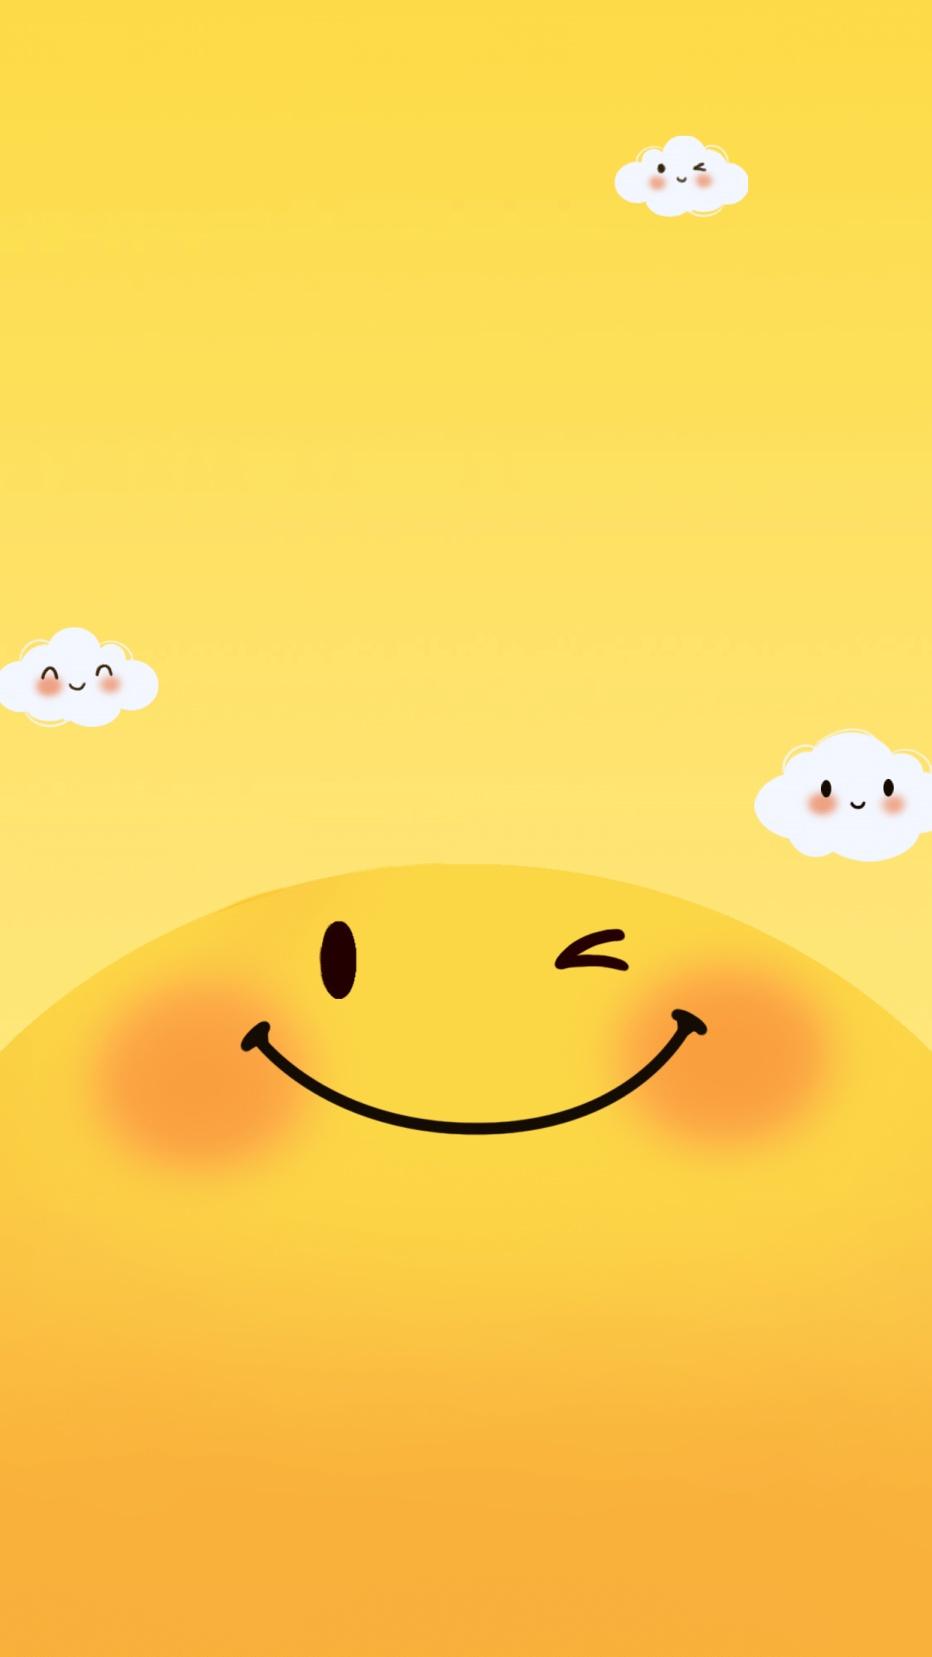 手绘卡通笑脸可爱手机壁纸